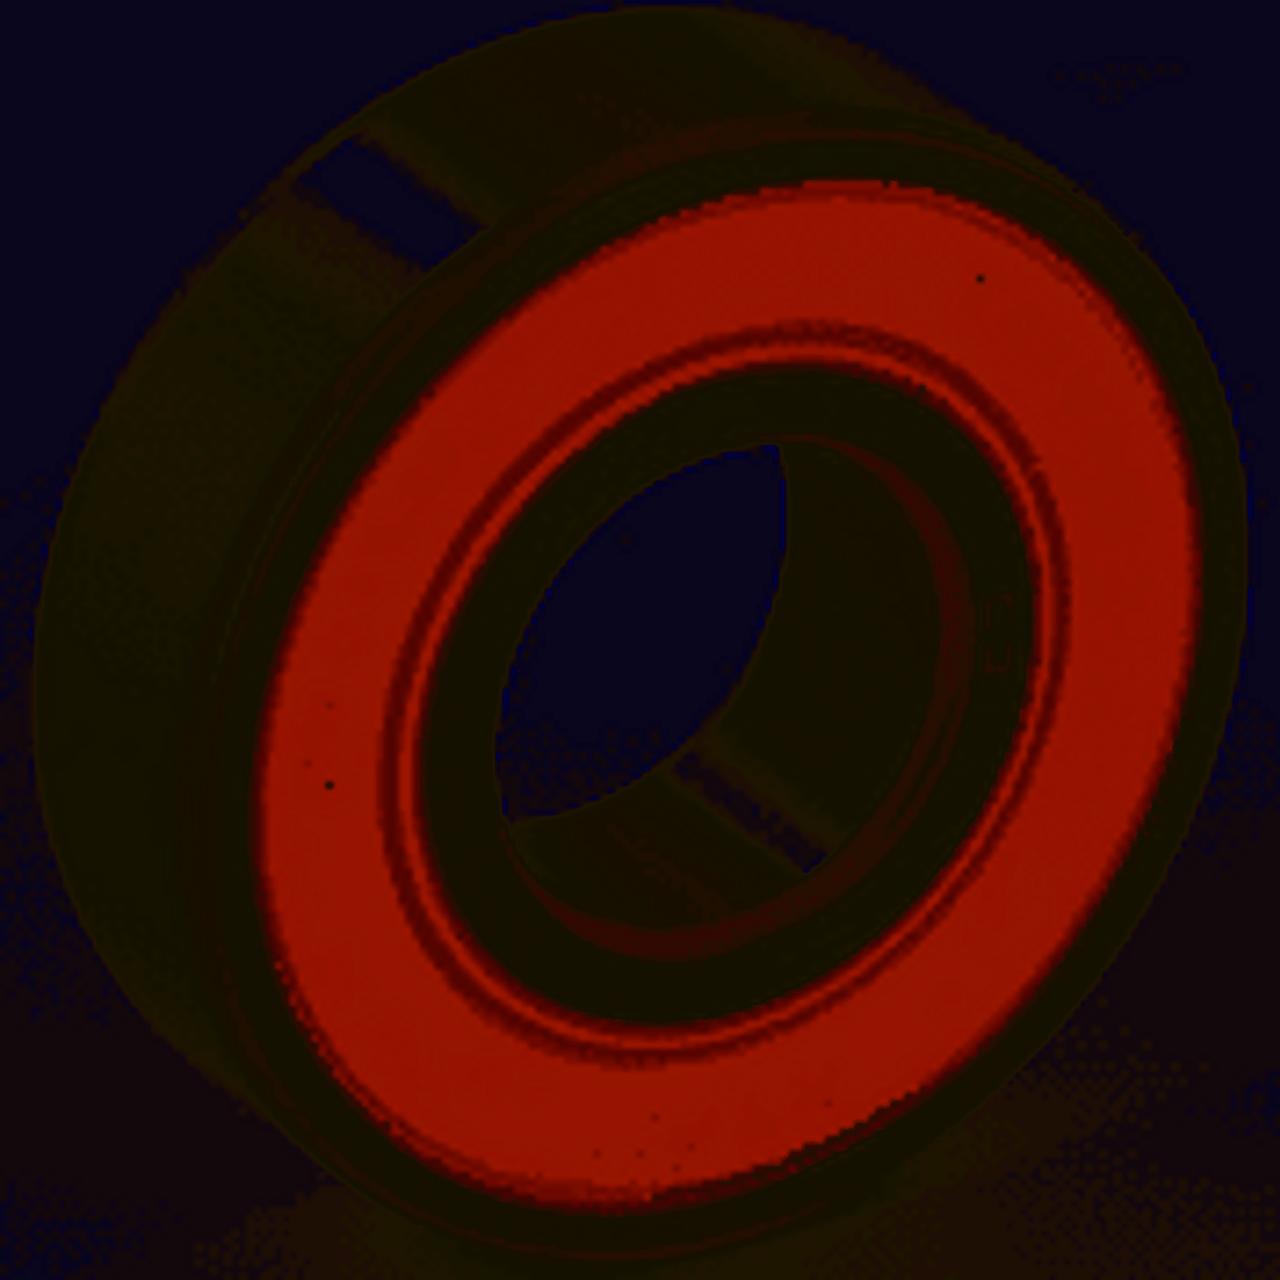 NTN 6302LLU C3/5C Ball Bearing